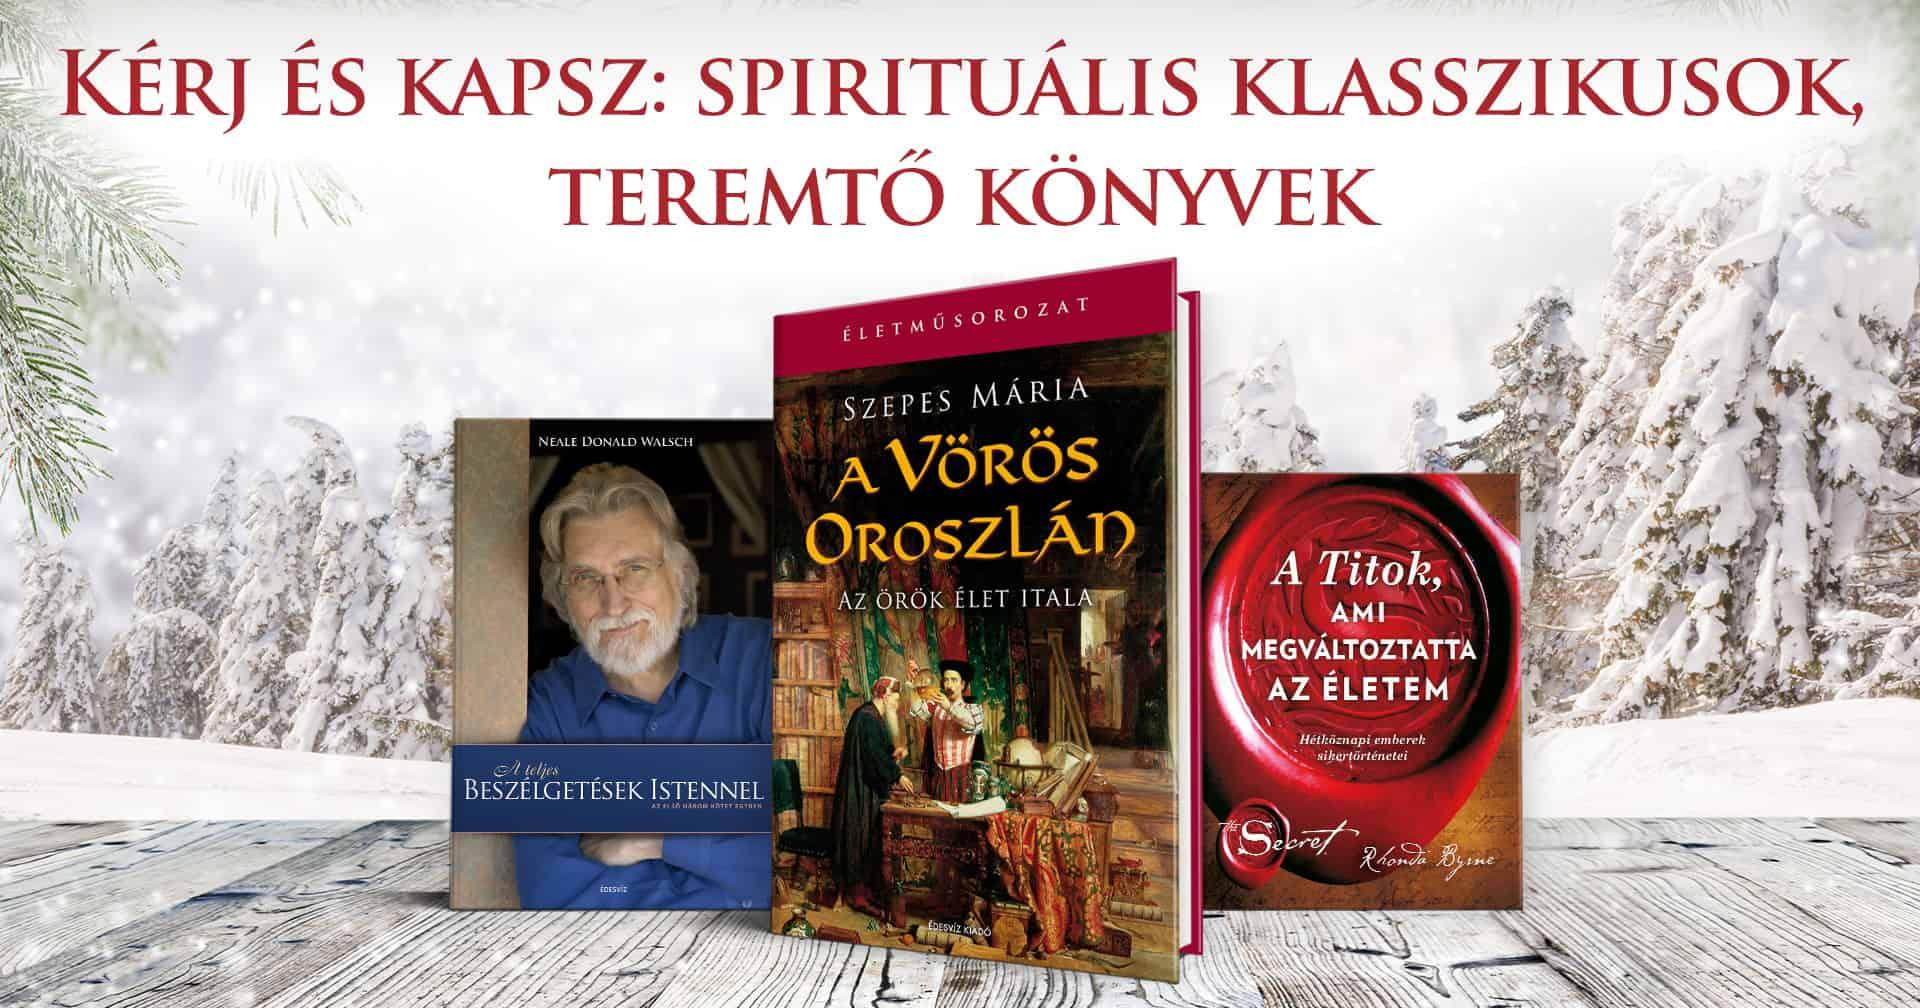 Kérj és kapsz: spirituális klasszikusok, teremtő könyvek